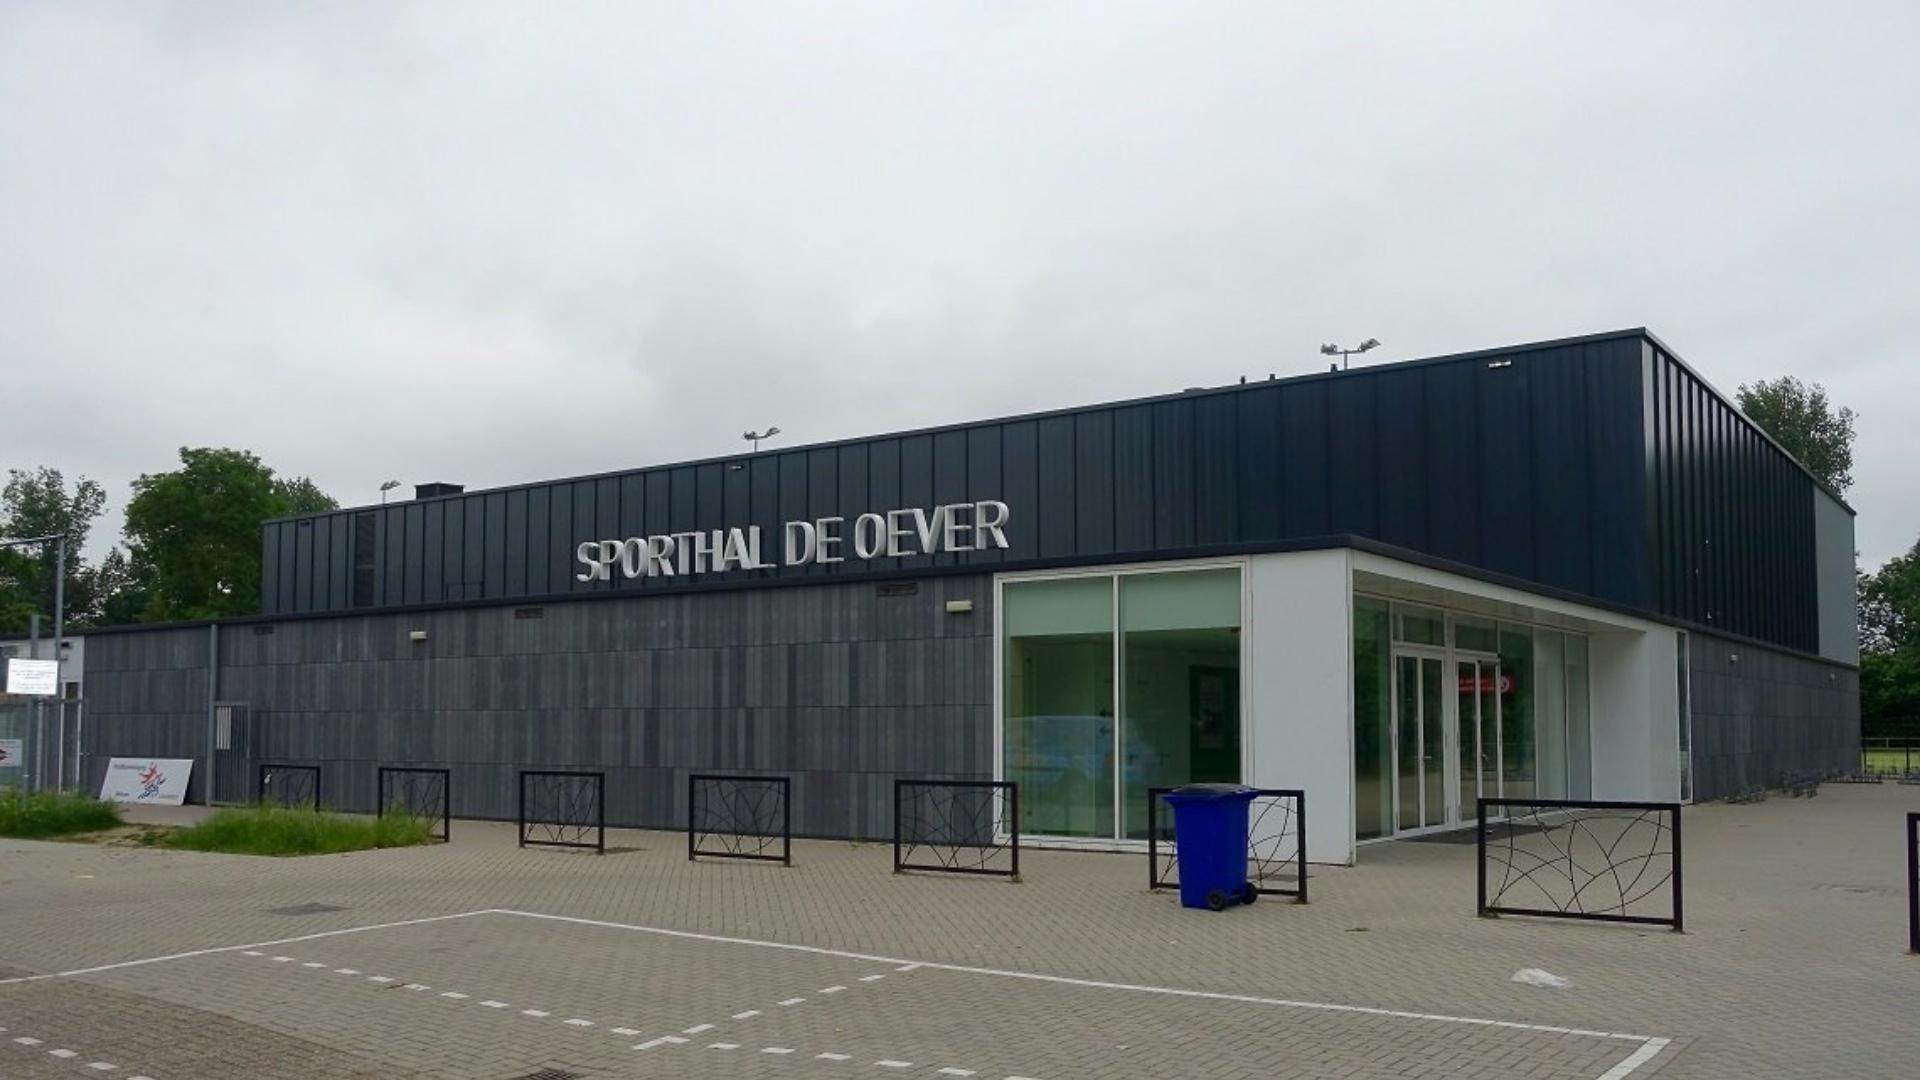 sporthal-de-oever-dsc07770-b-brosi-p1140.jpg